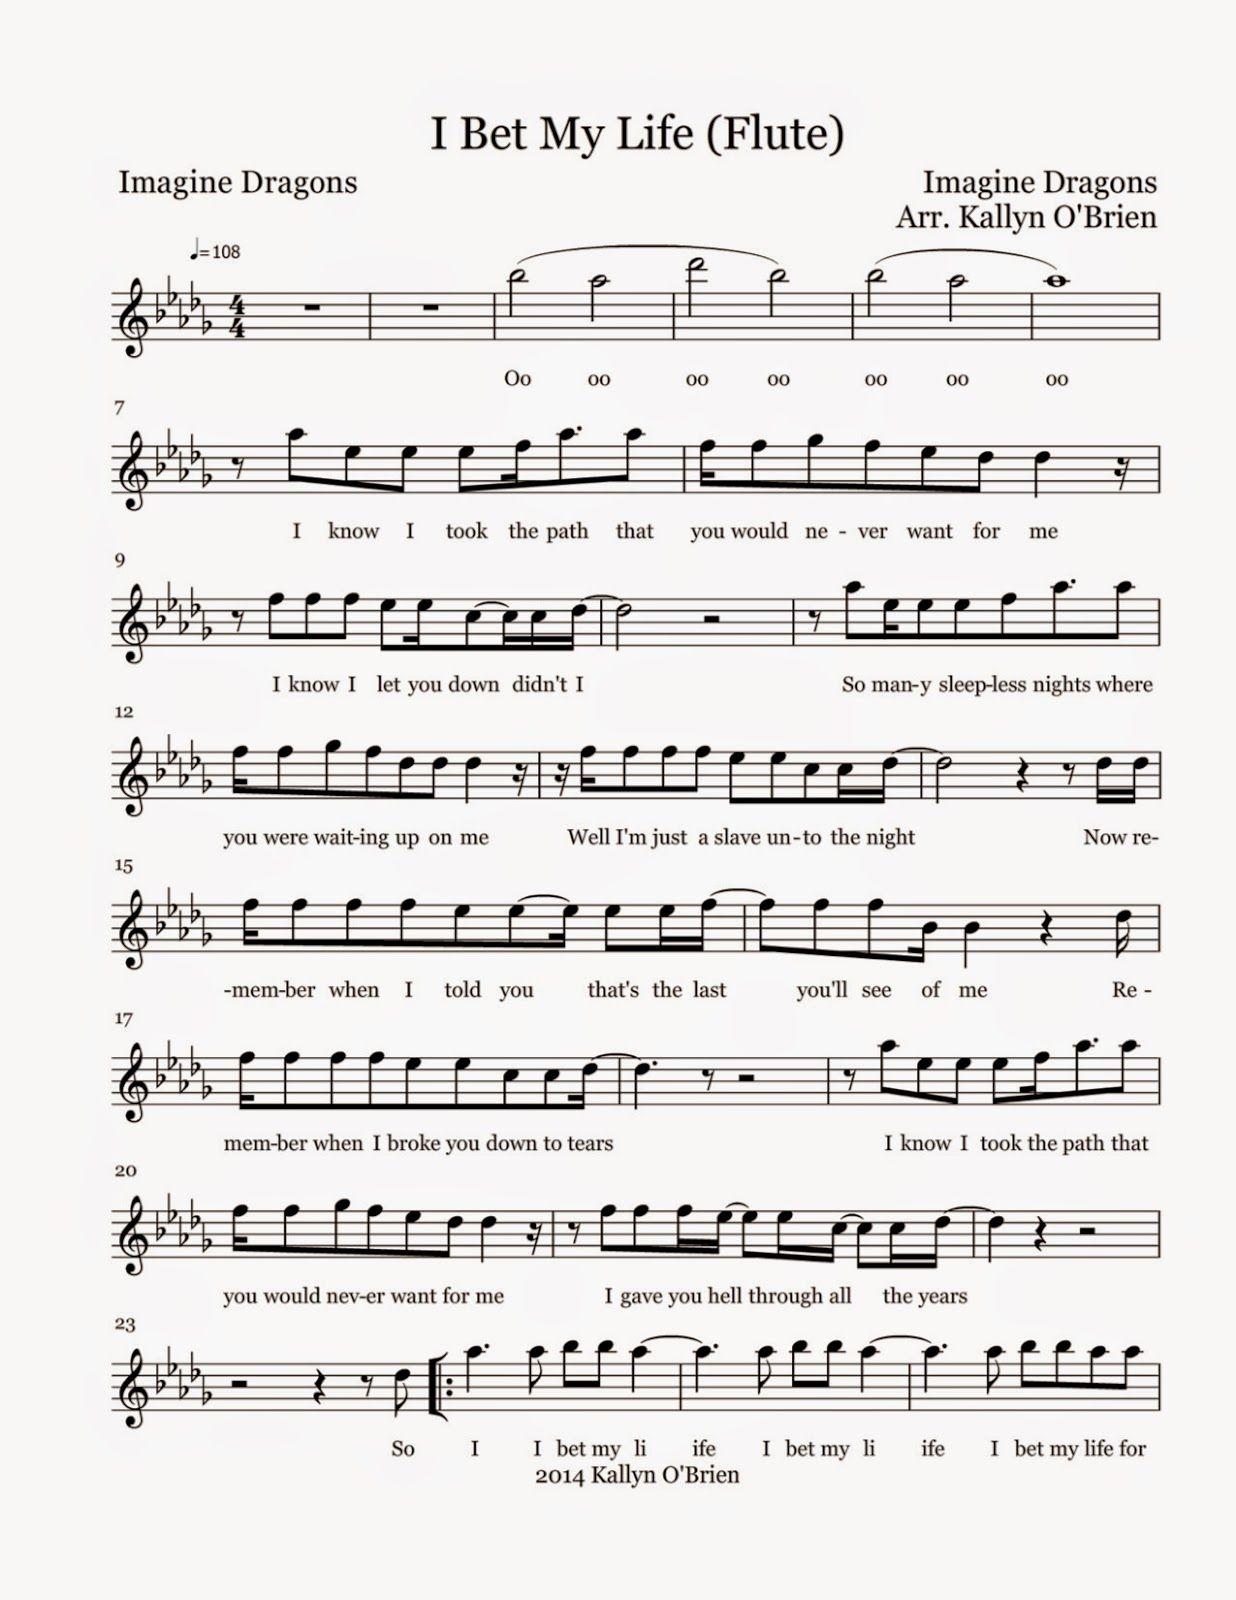 I Bet My Life Sheet Music Sheet Music Flute Sheet Music